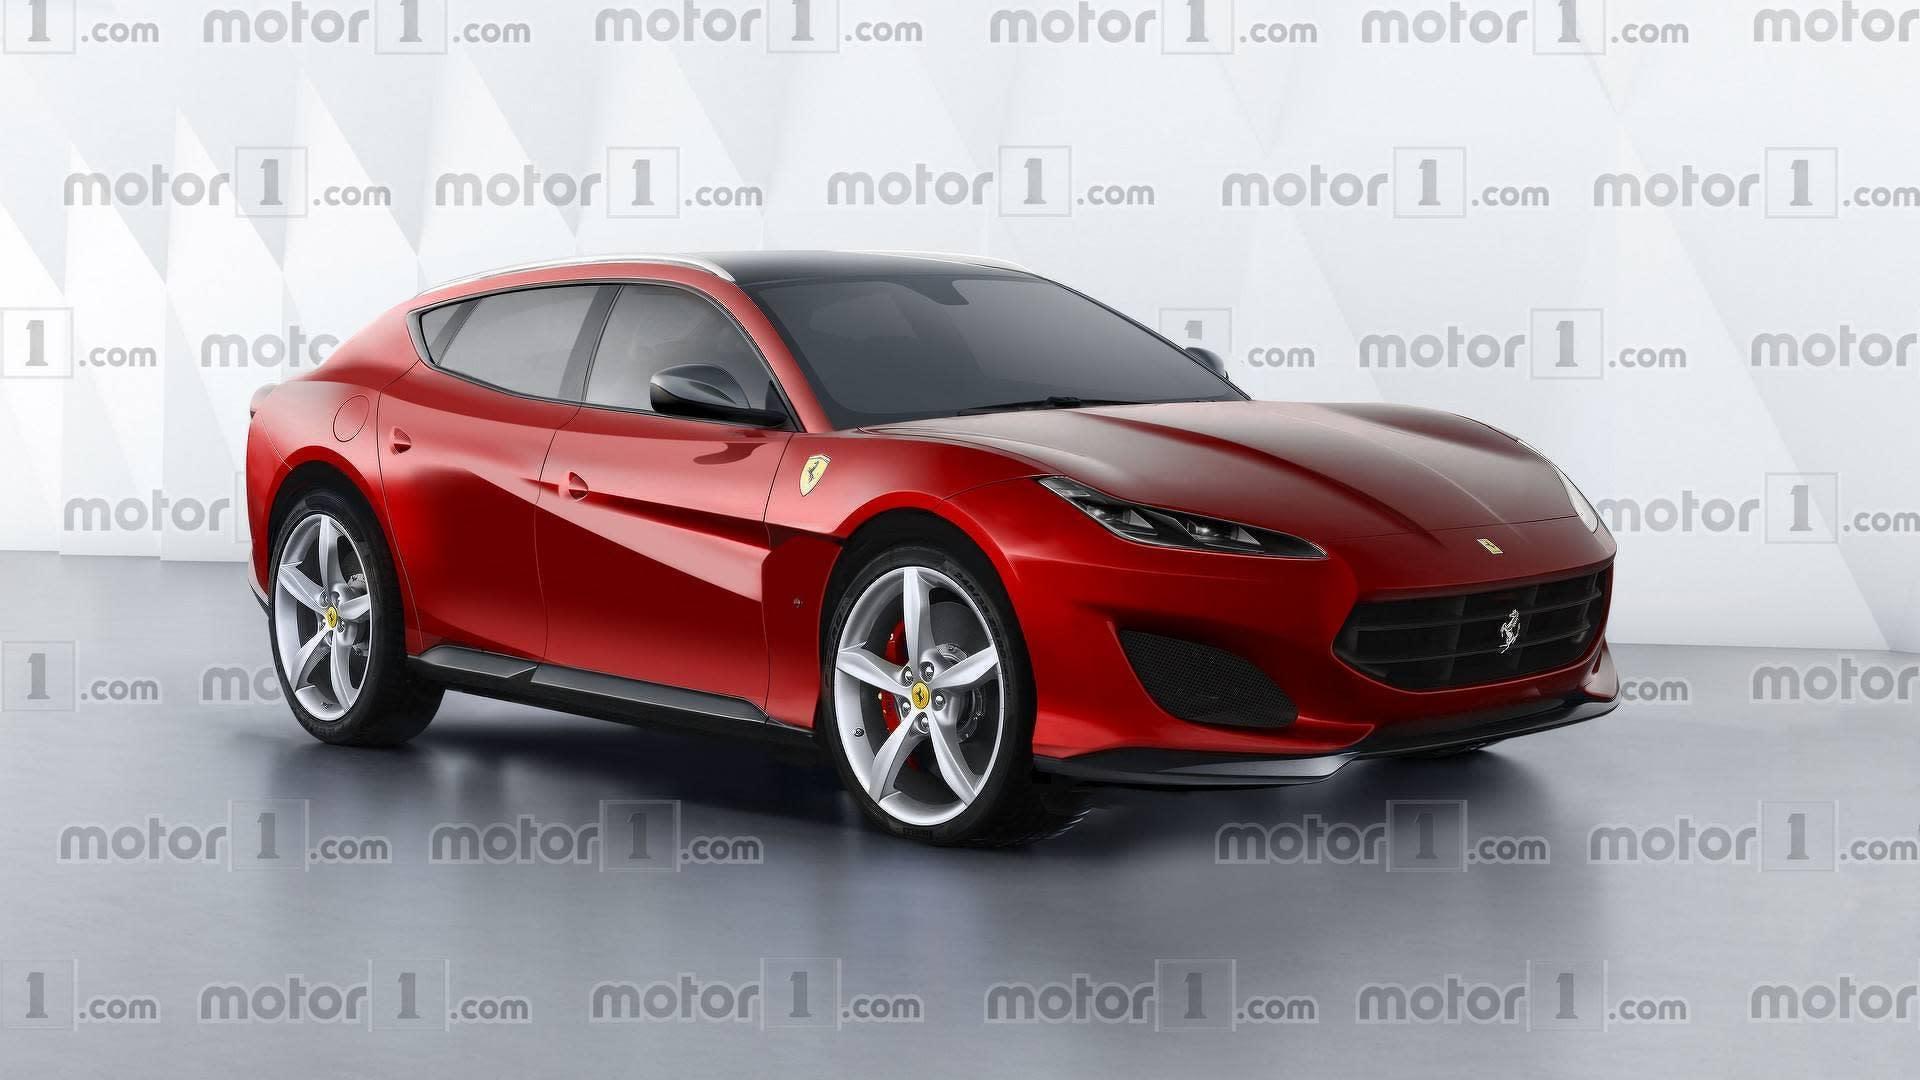 Ferrari dévoilera deux nouveaux modèles en septembre prochain